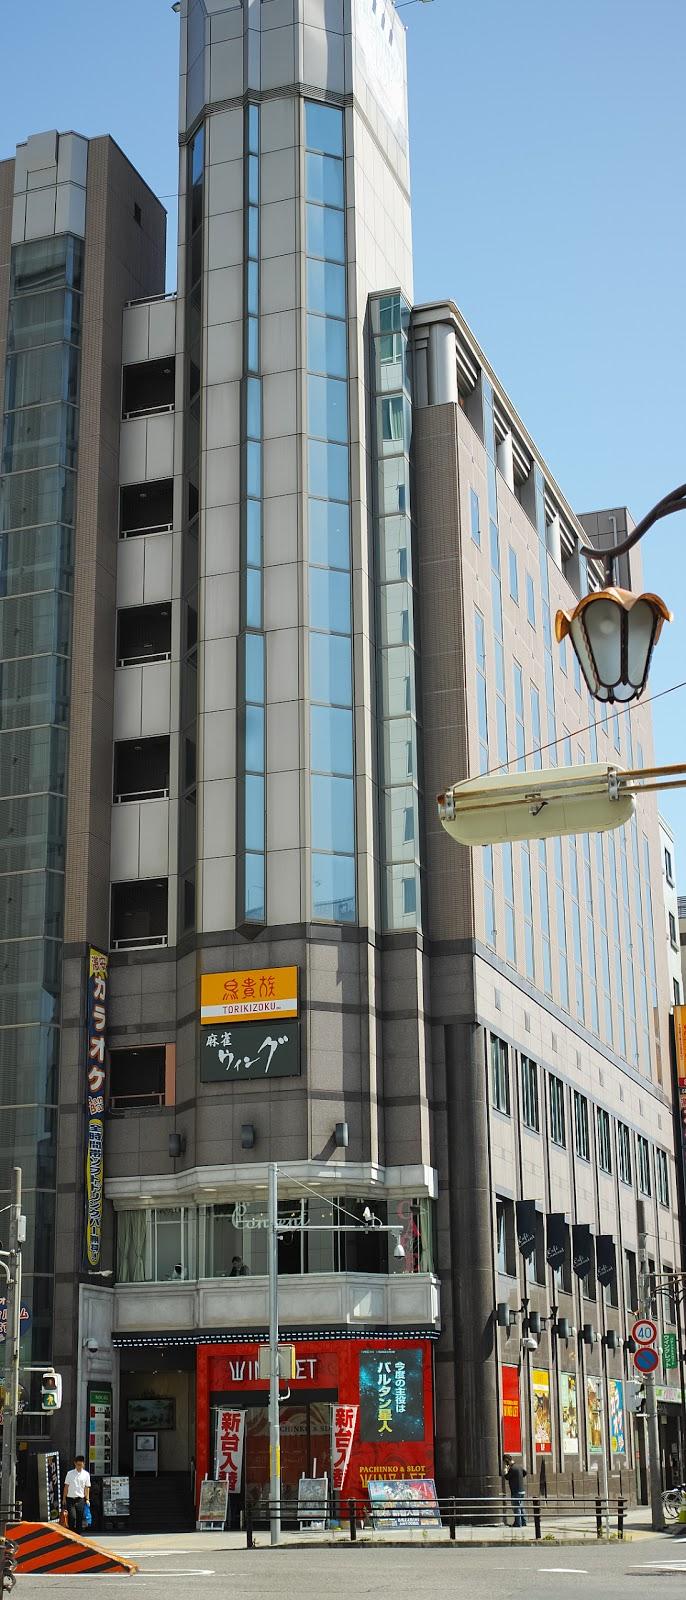 カラオケBanBan名古屋太閤口店